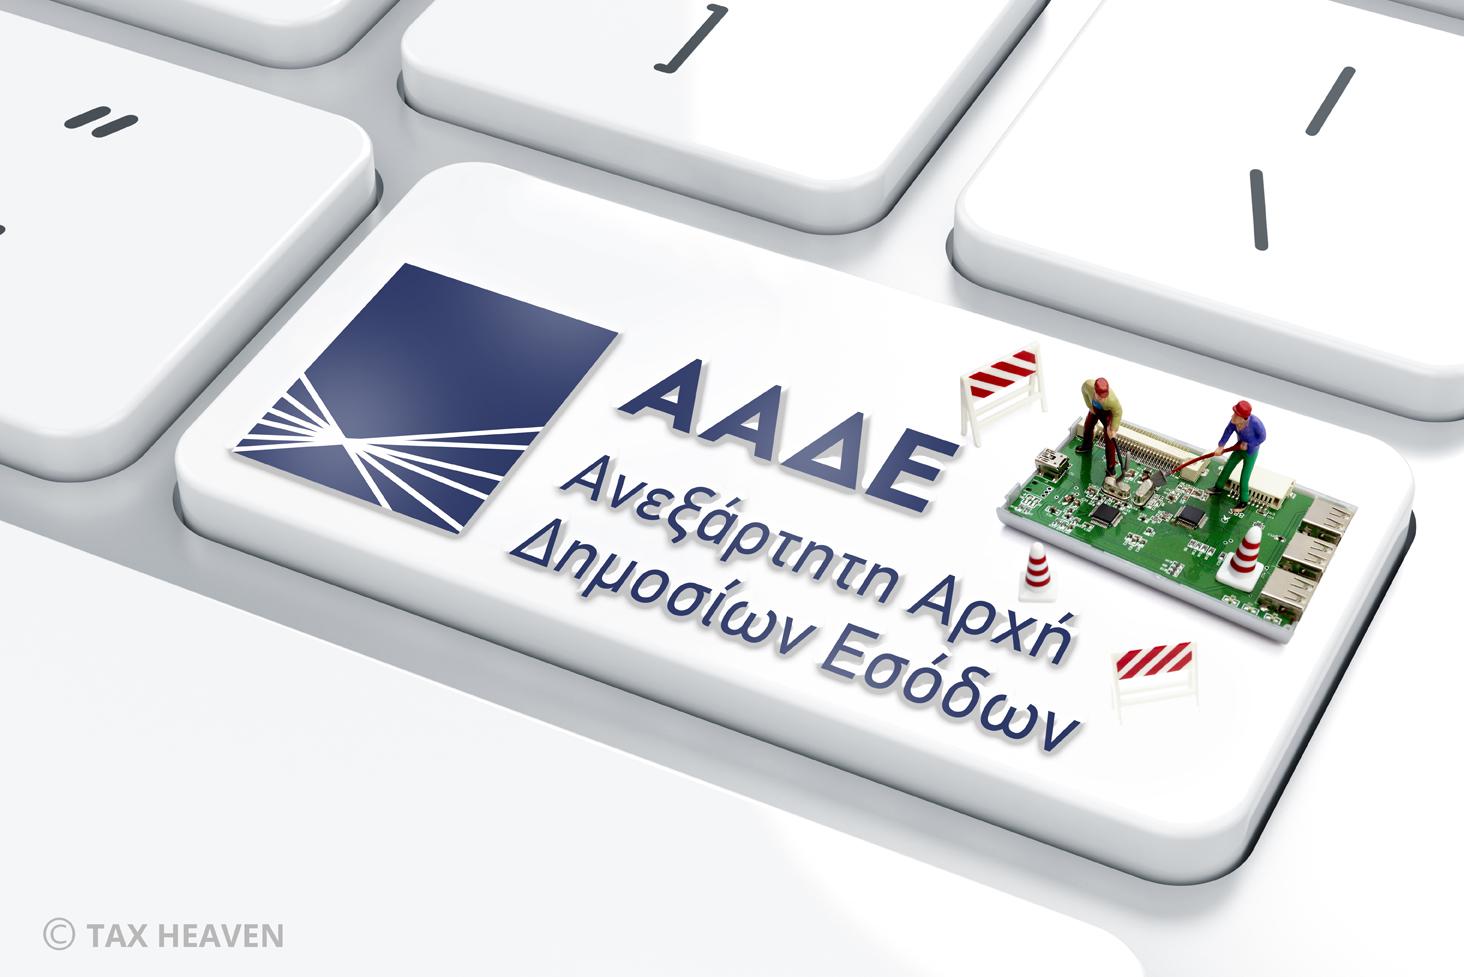 ΑΑΔΕ - Μη διαθεσιμότητα εφαρμογών λόγω ενοποιήσεων ΔΟΥ